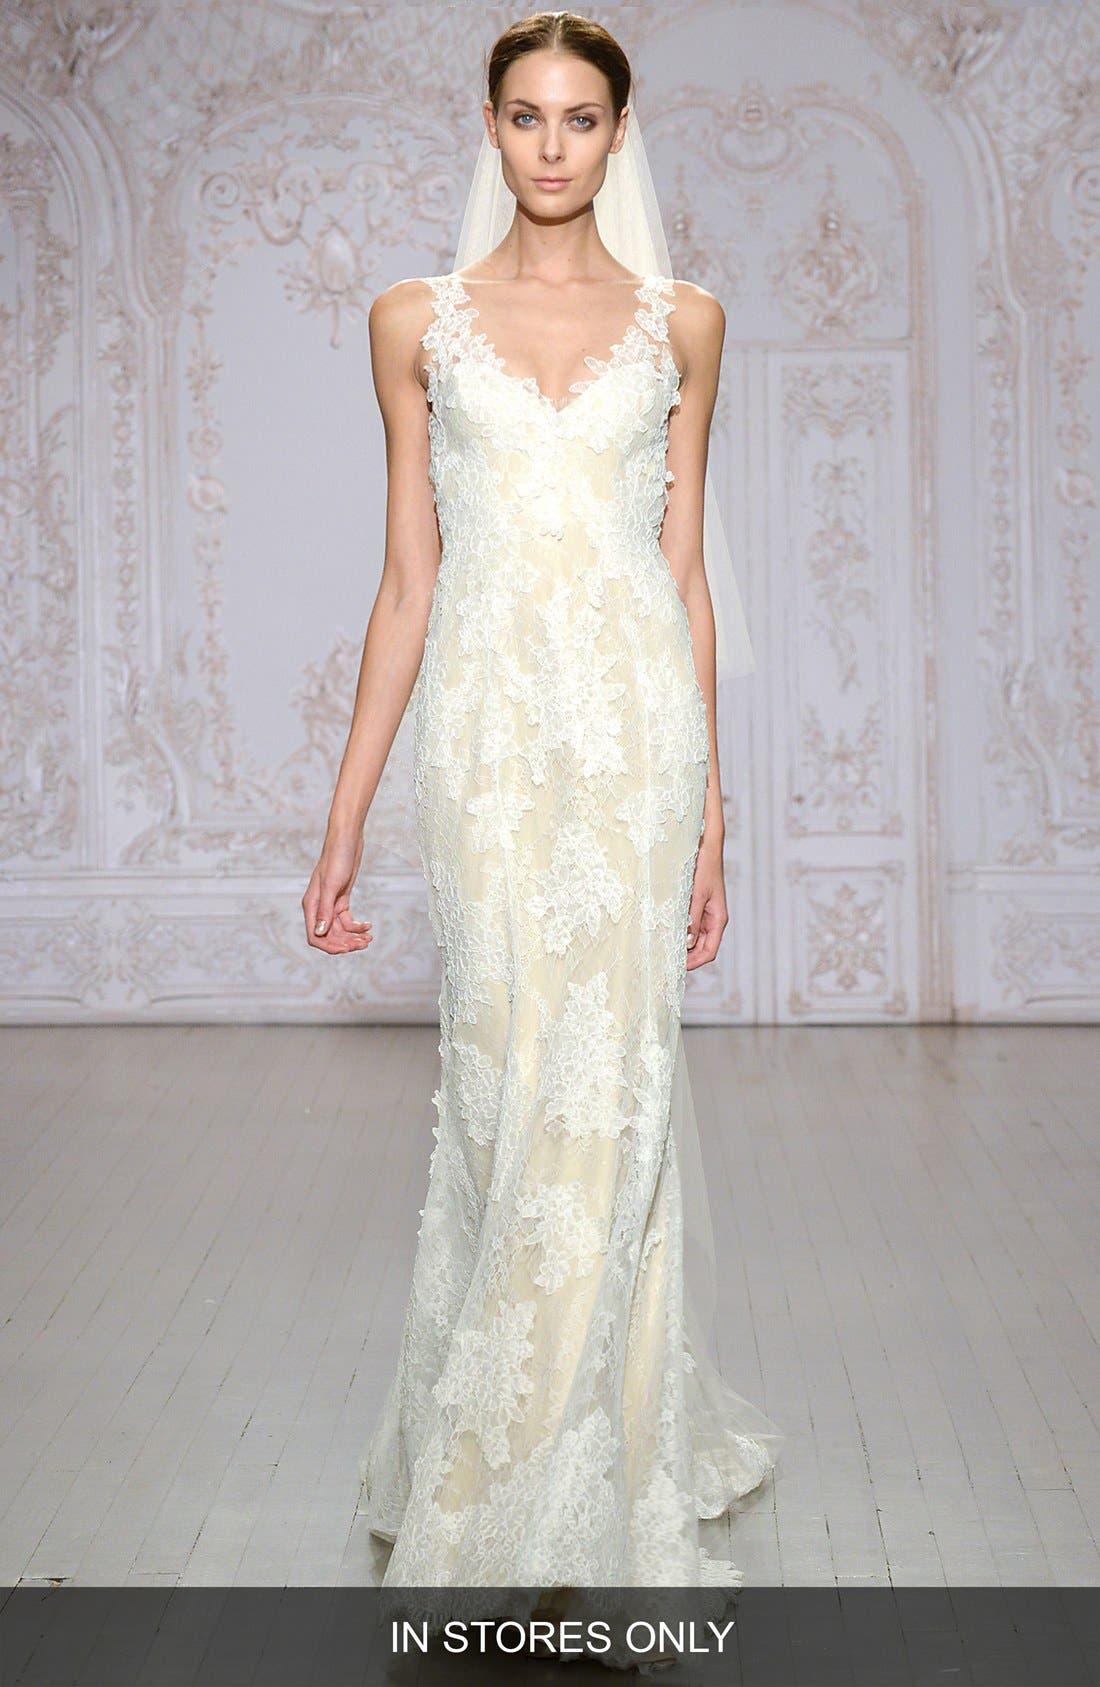 Monique Lhuillier Wedding Dresses & Bridal Gowns | Nordstrom